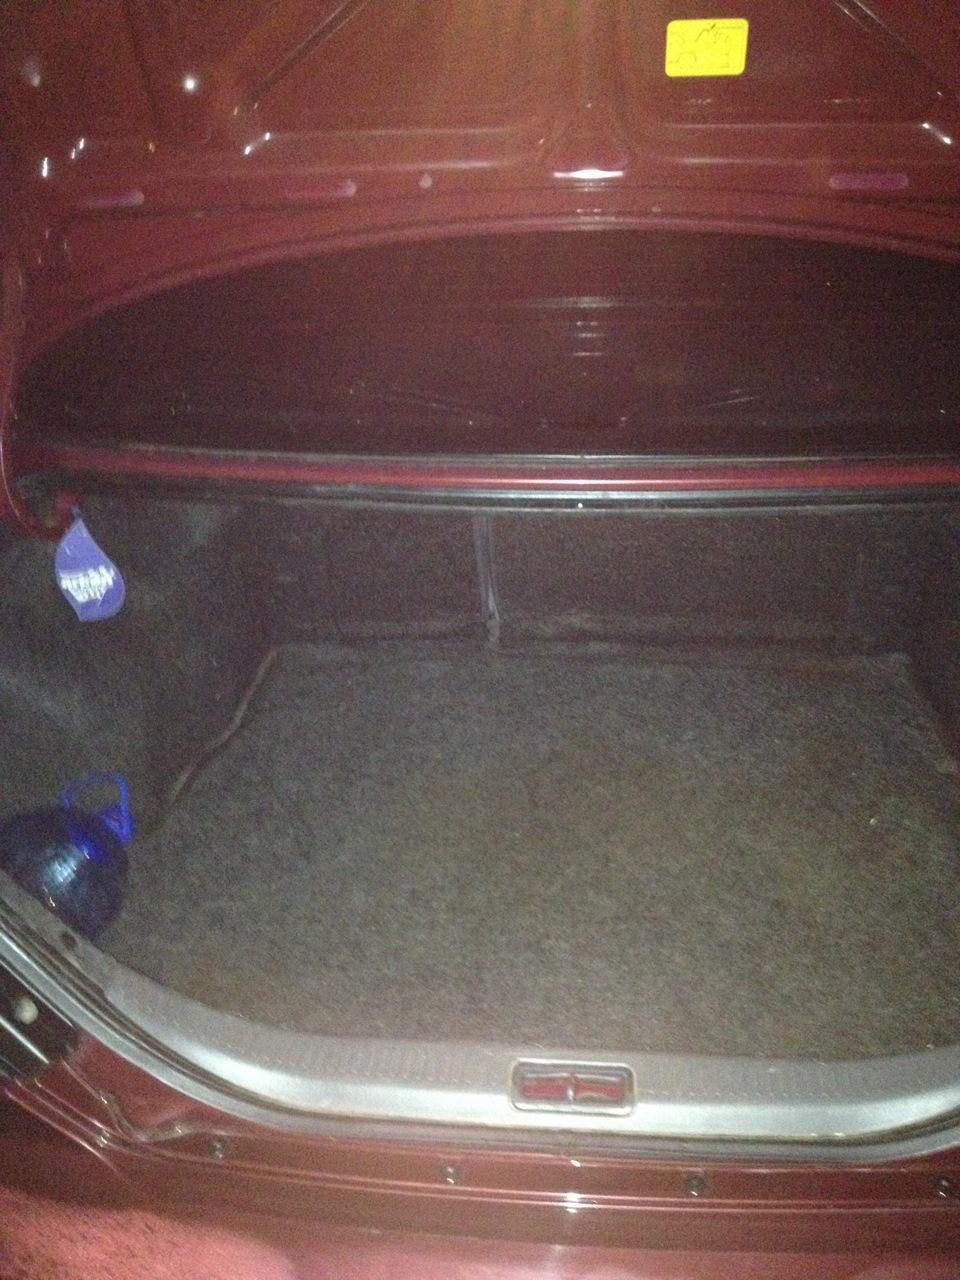 kia spectra как открыть багажник изнутри